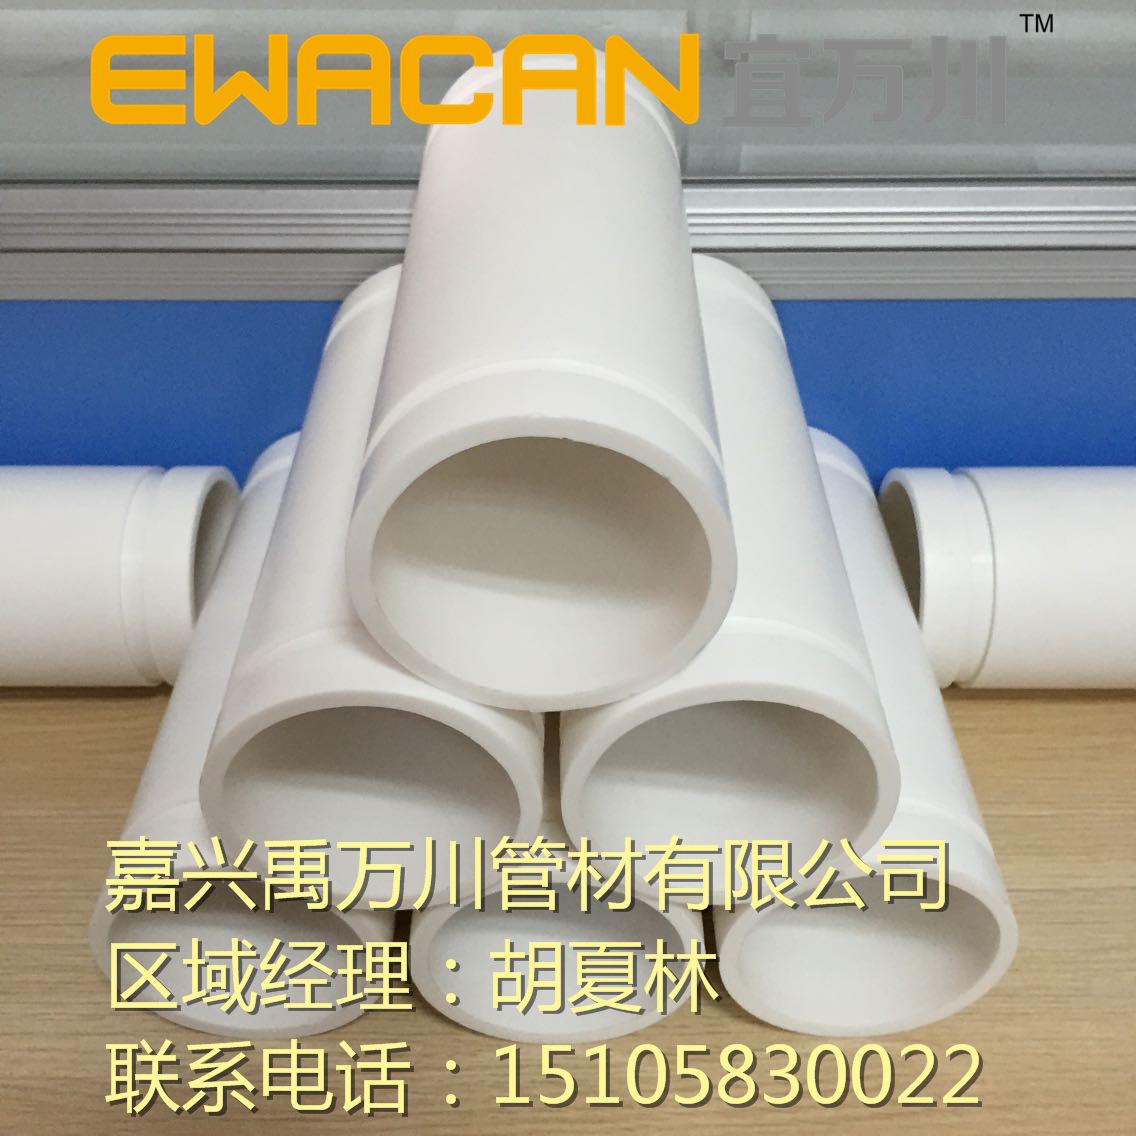 沟槽式HDPE超静音排水管,管道主材,PE管沟槽连接宜万川静音排水示例图2